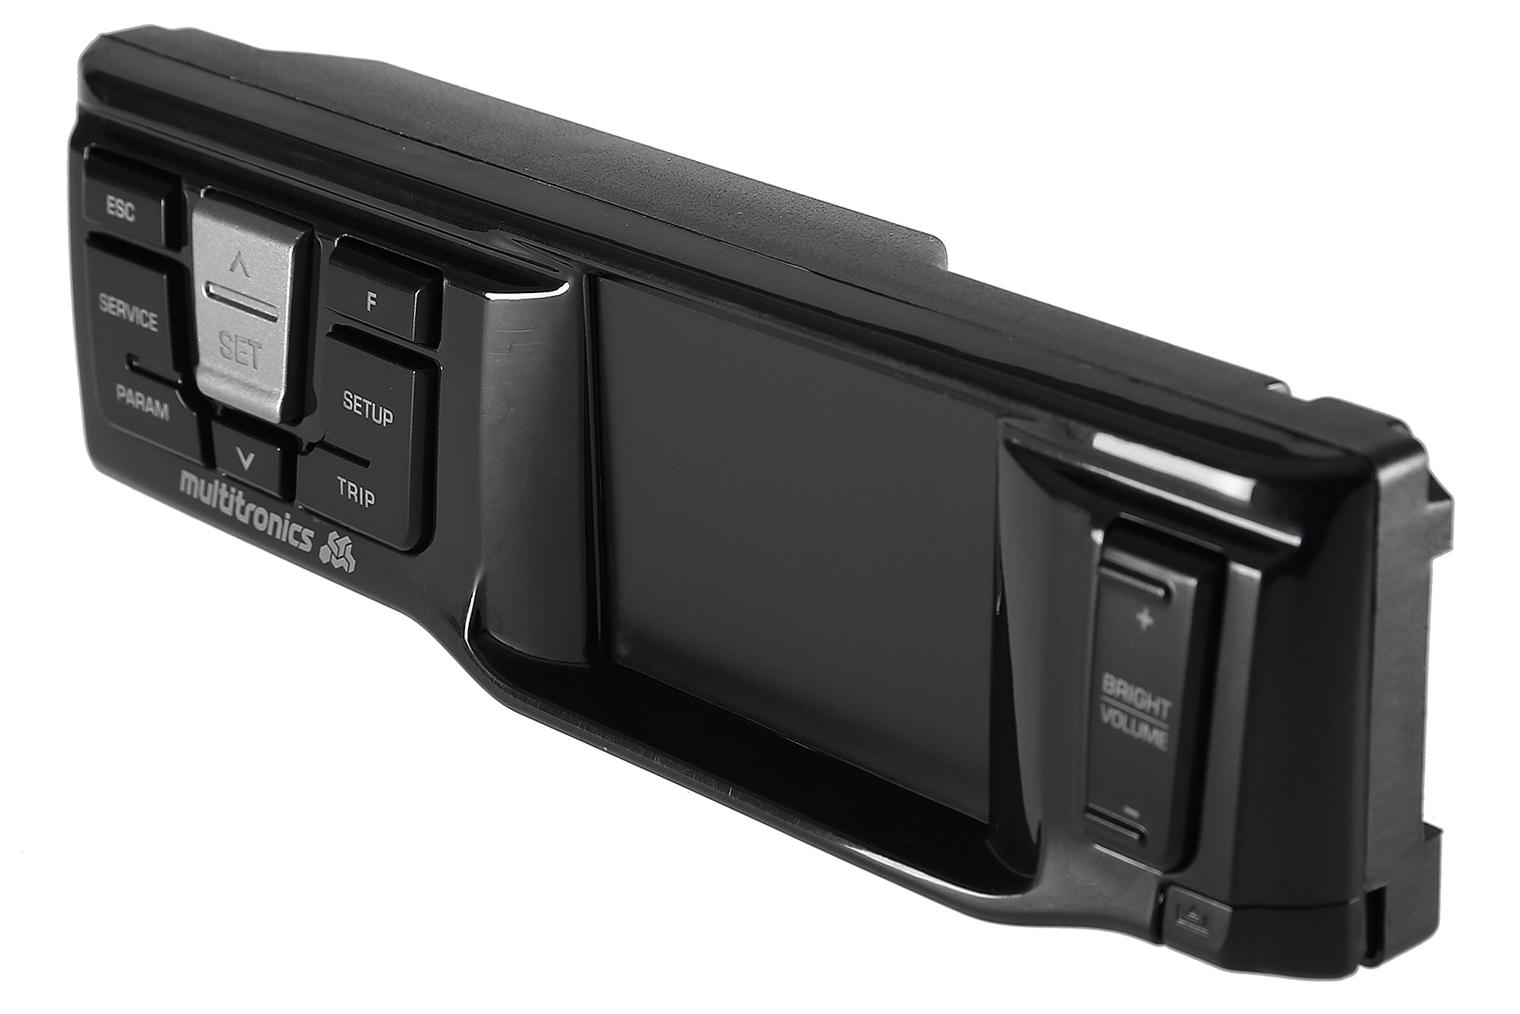 Бортовой компьютер Multitronics Rc-700 39